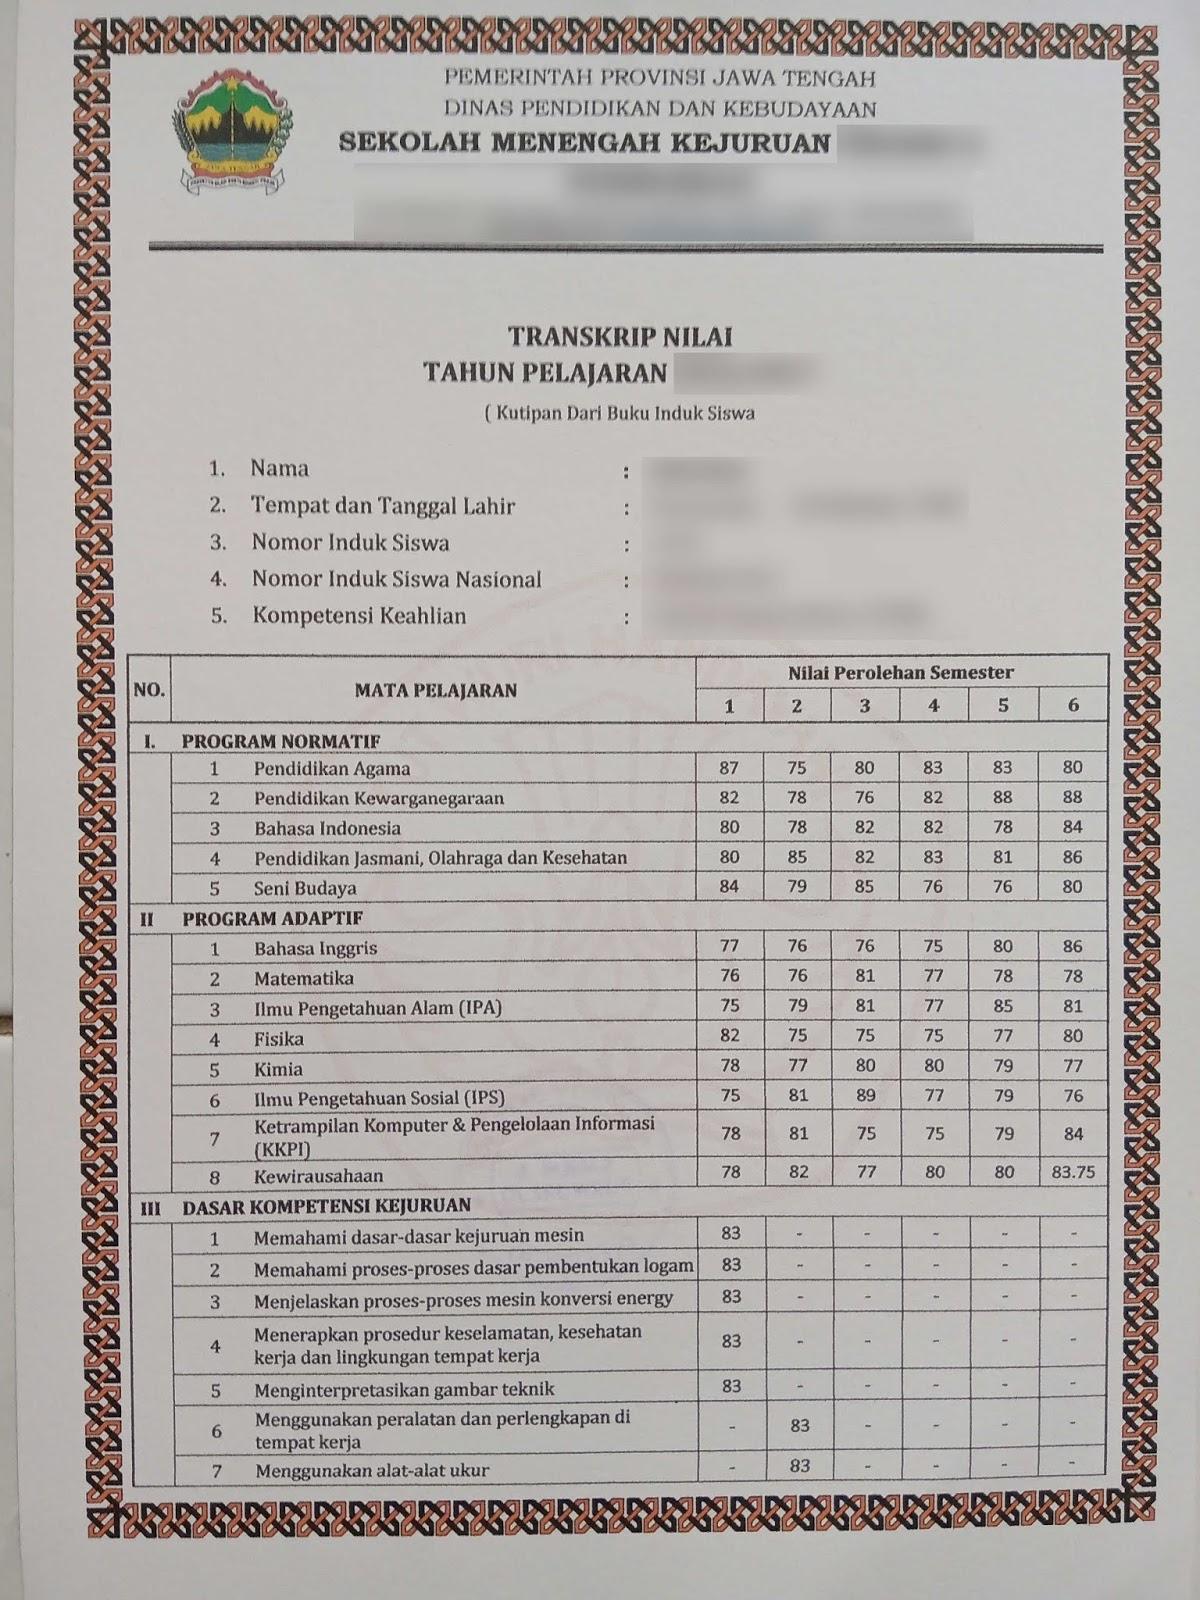 Contoh Transkrip Nilai Smk Lengkap Dari Kelas 1 Sampai Kelas 3 Kepoindonesia